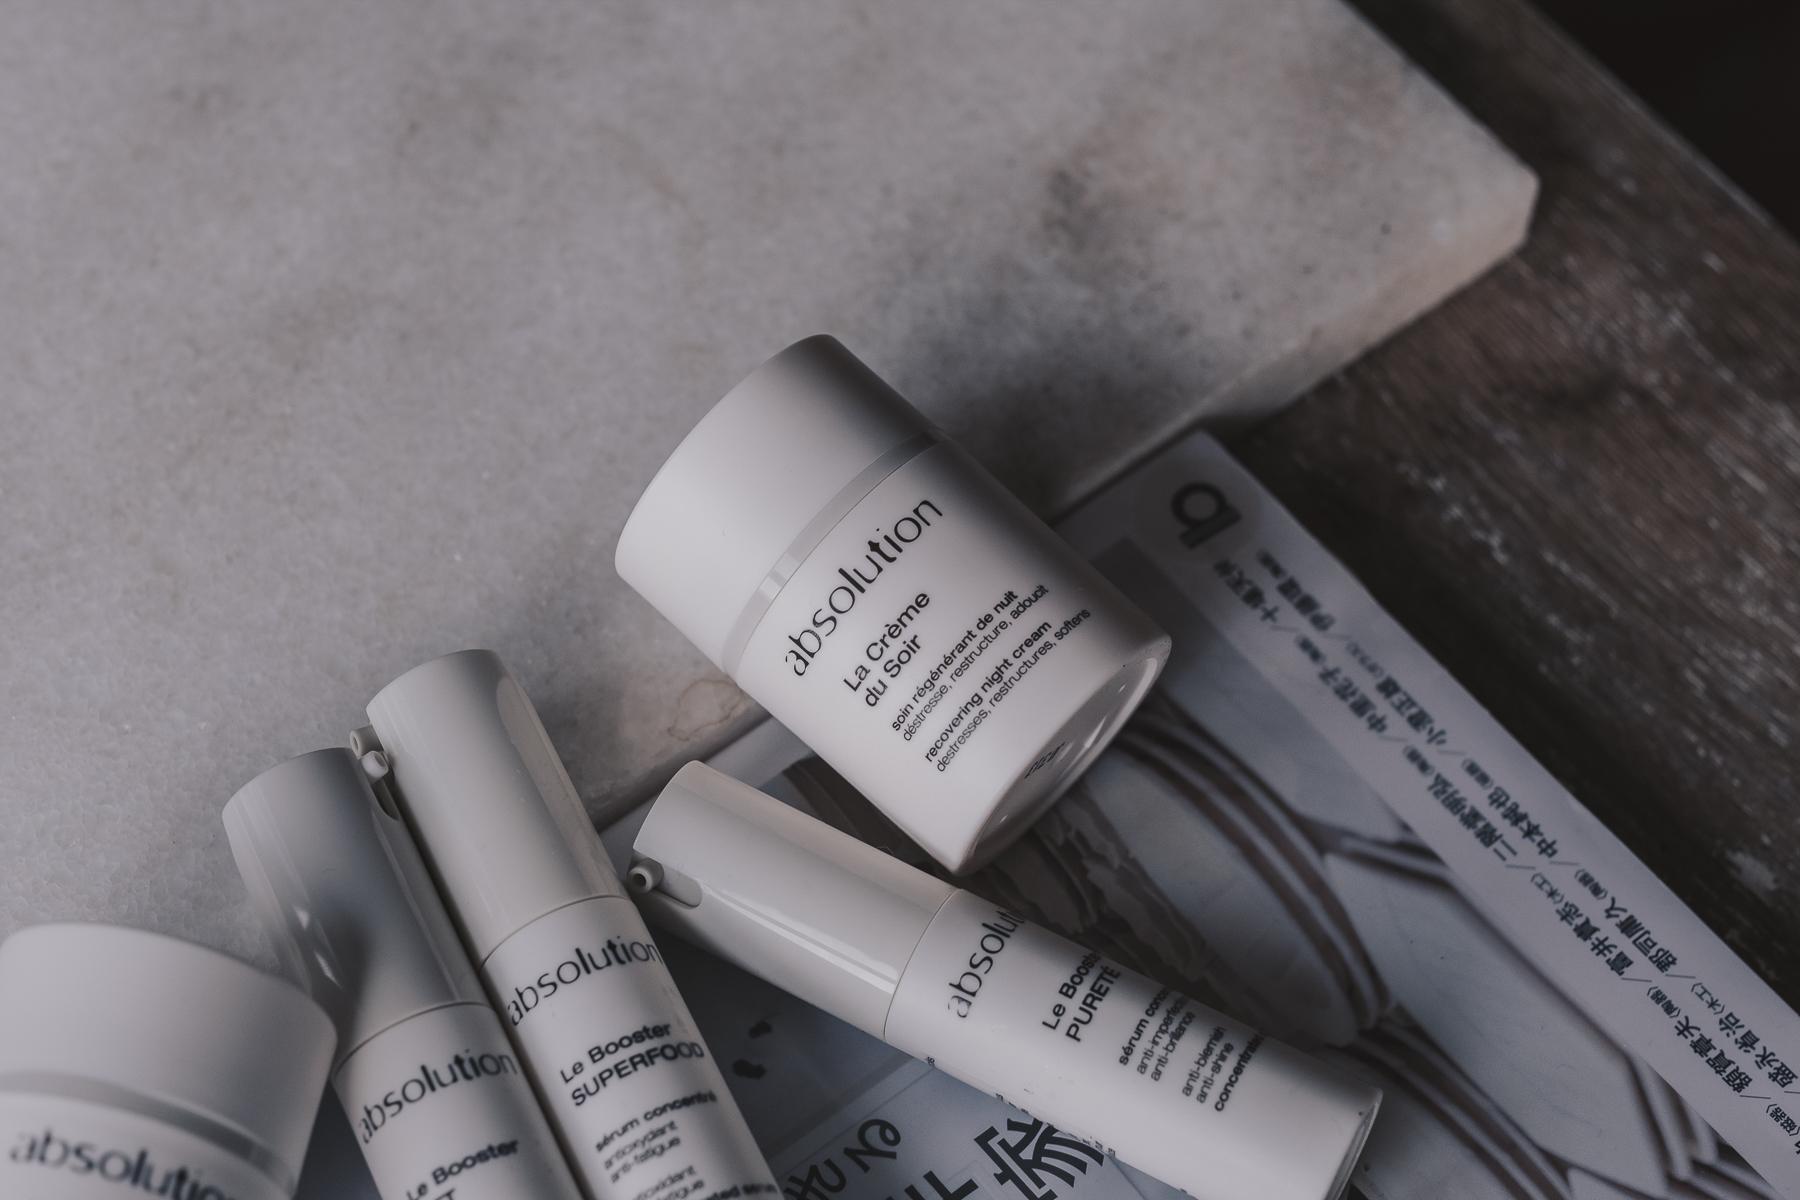 absolution Skin Care 激活安瓶保養系列 - 10-10HOPE - FUJI Film XT3 - Yes! Please Enjoy by Fanning Tseng-5.jpg